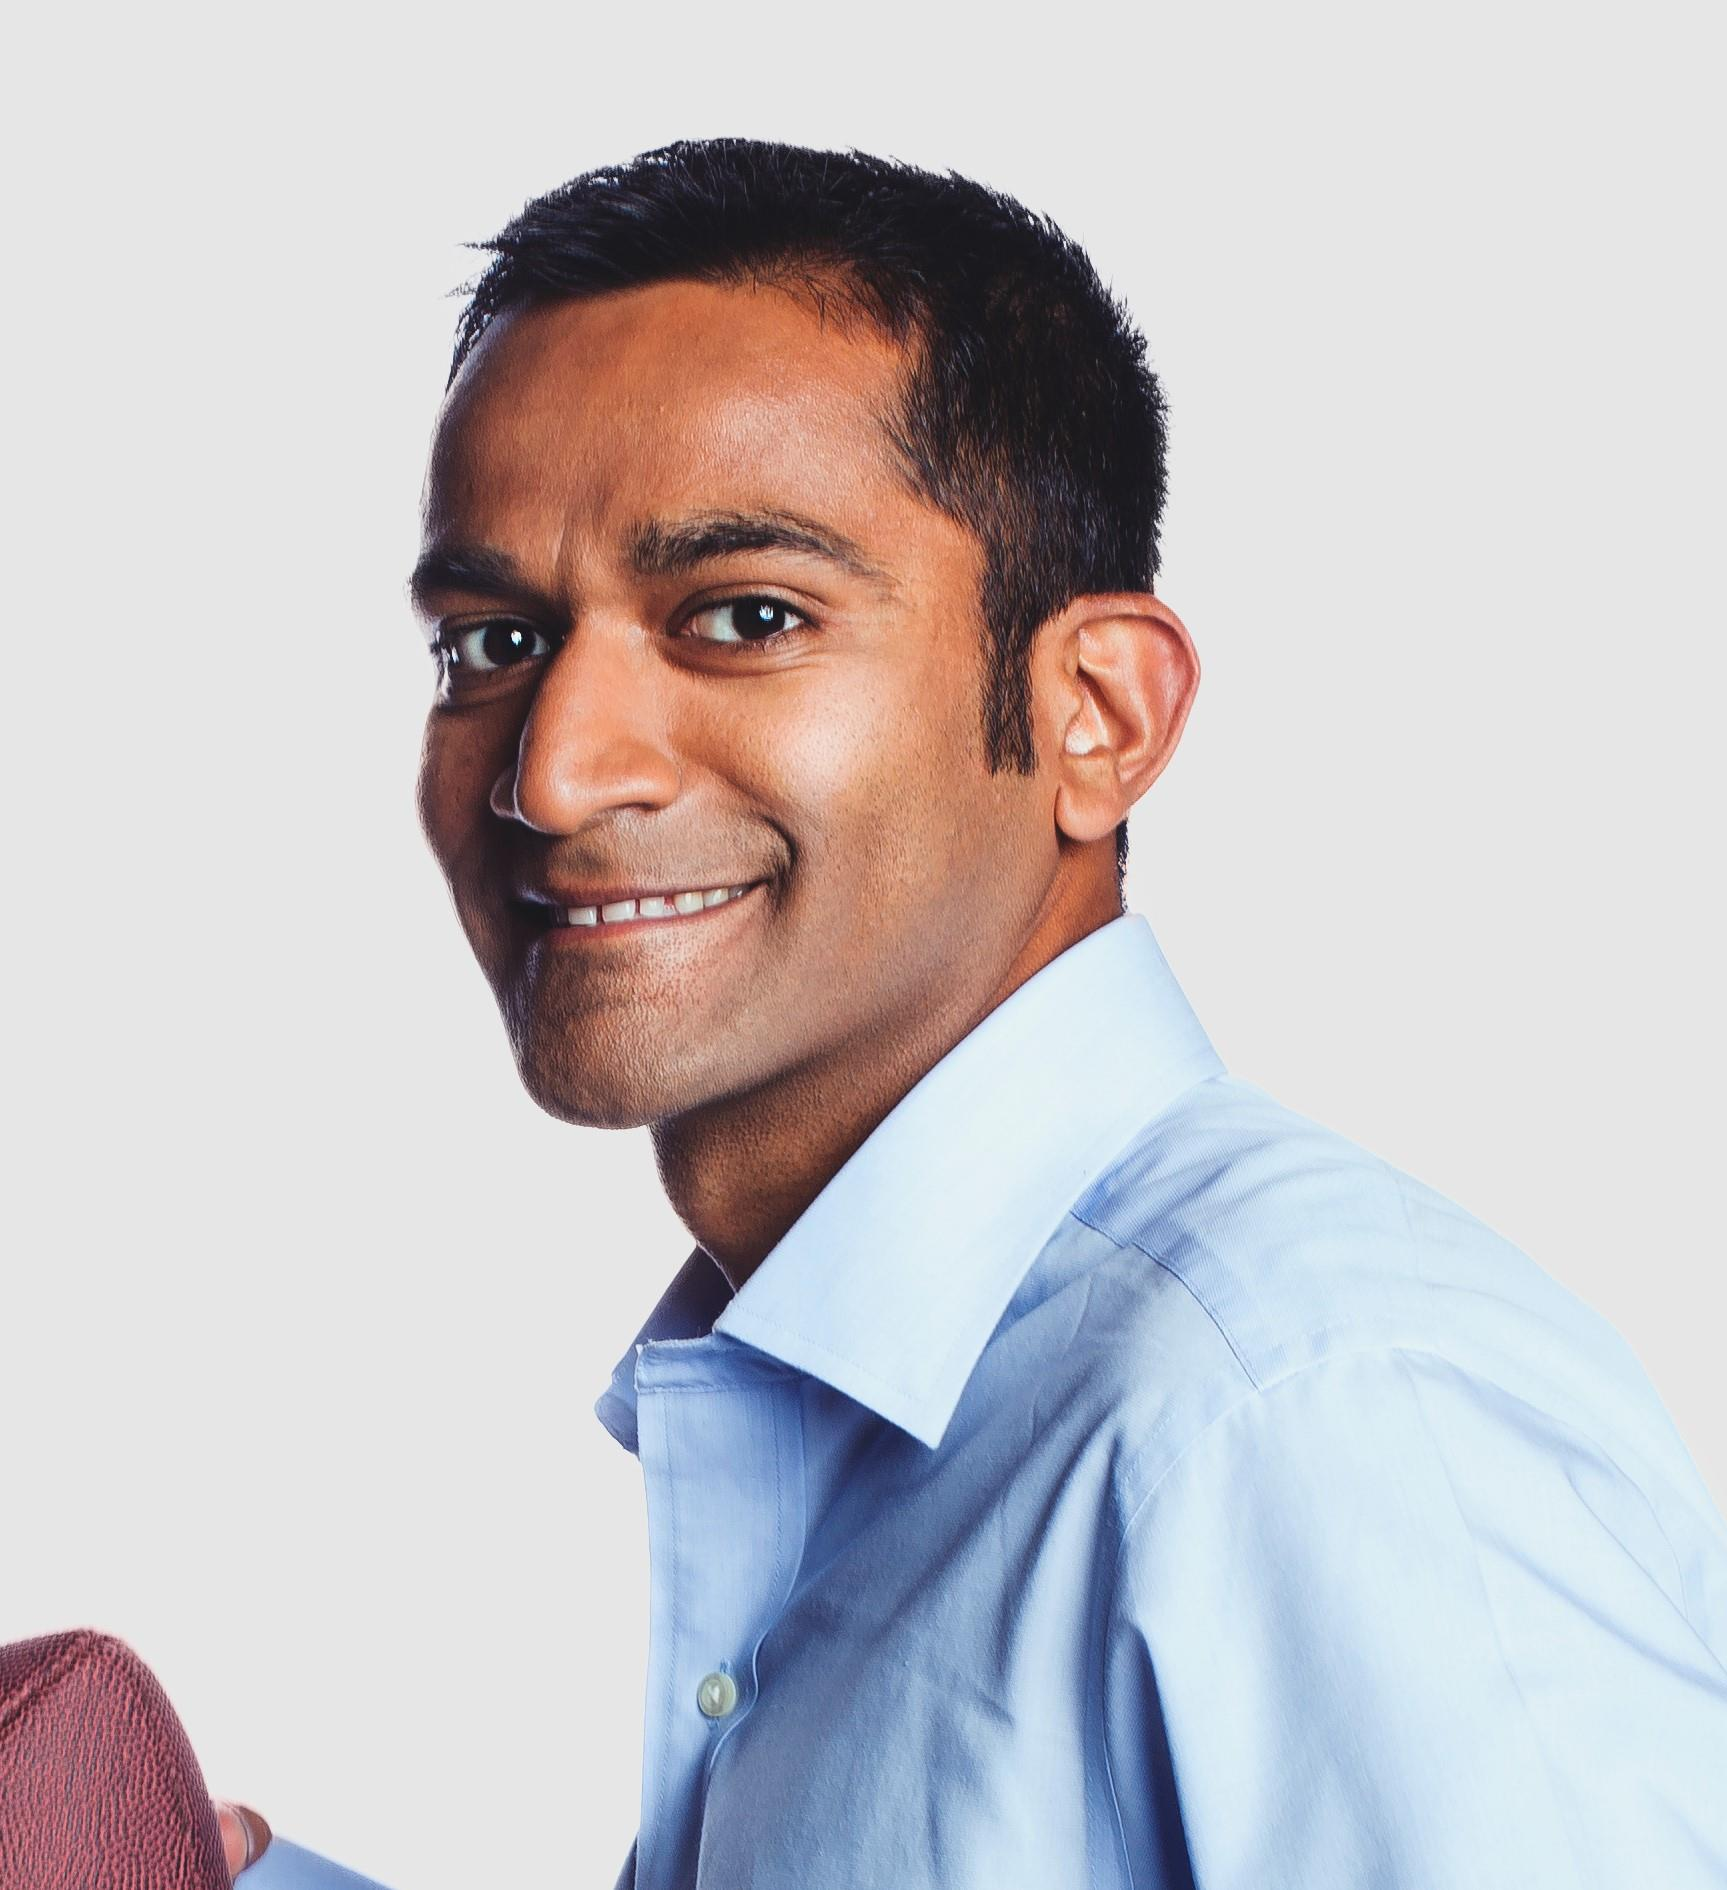 Swapnil Patel